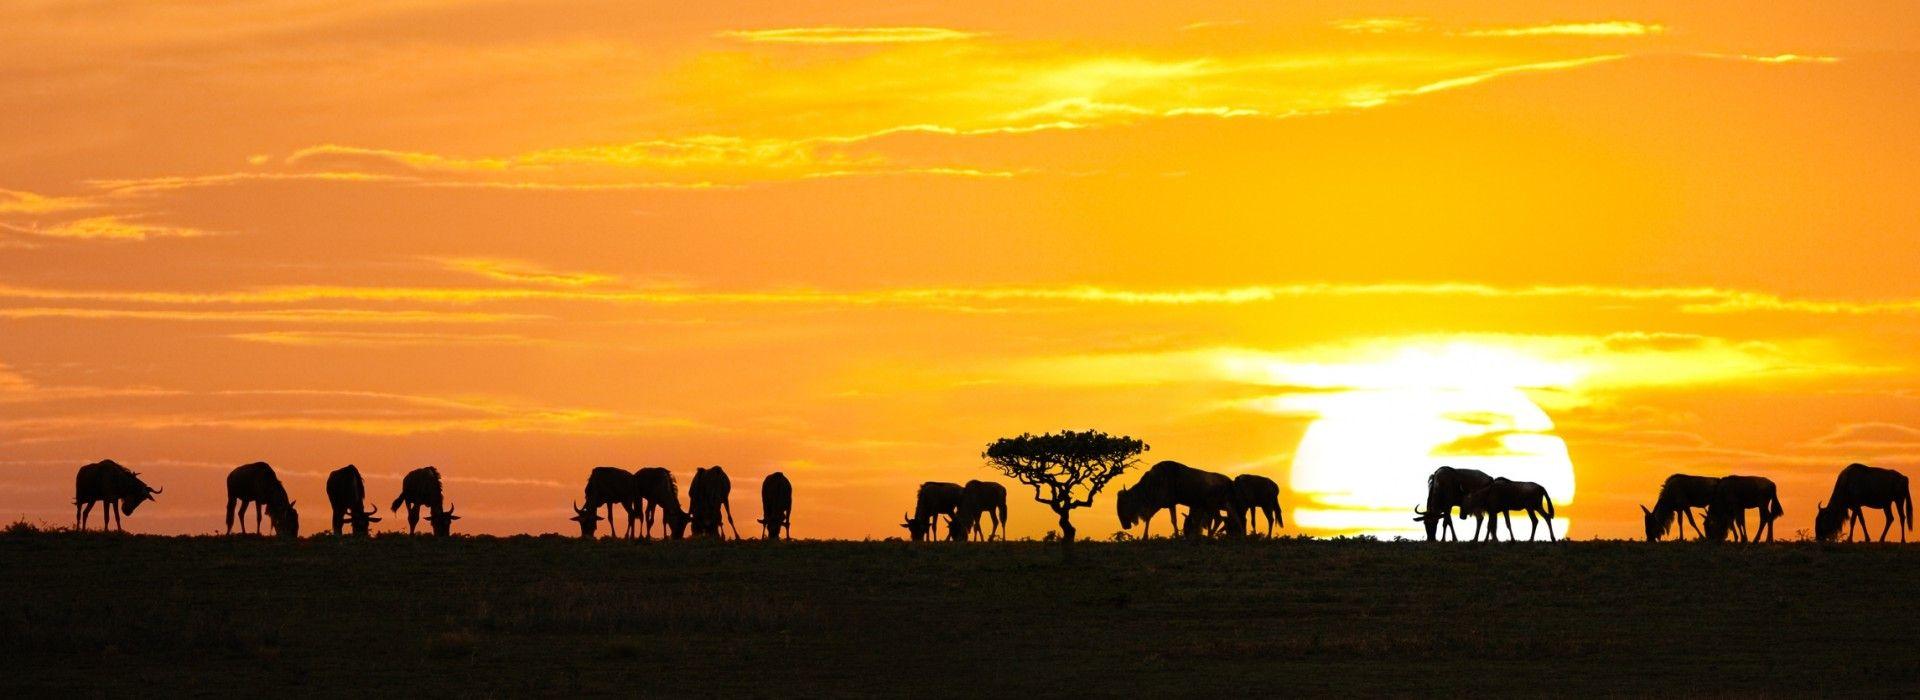 Safari Tours in Moshi